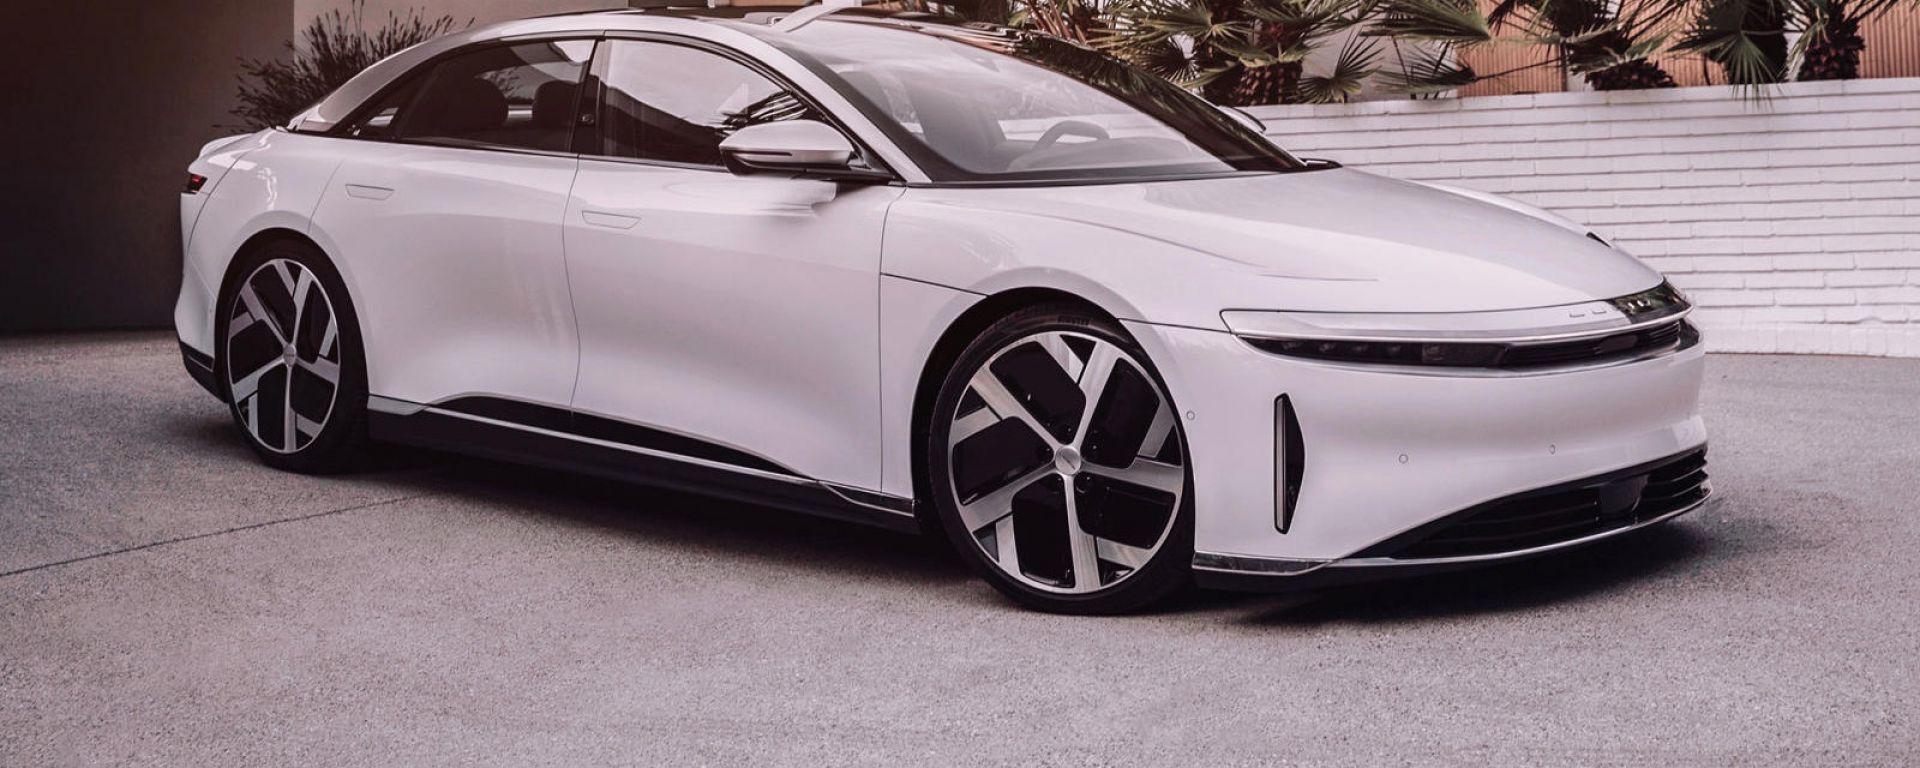 Lucid Air è la berlina elettrica più potente, la più veloce a ricaricarsi ed è l'auto più aerodinamica al mondo